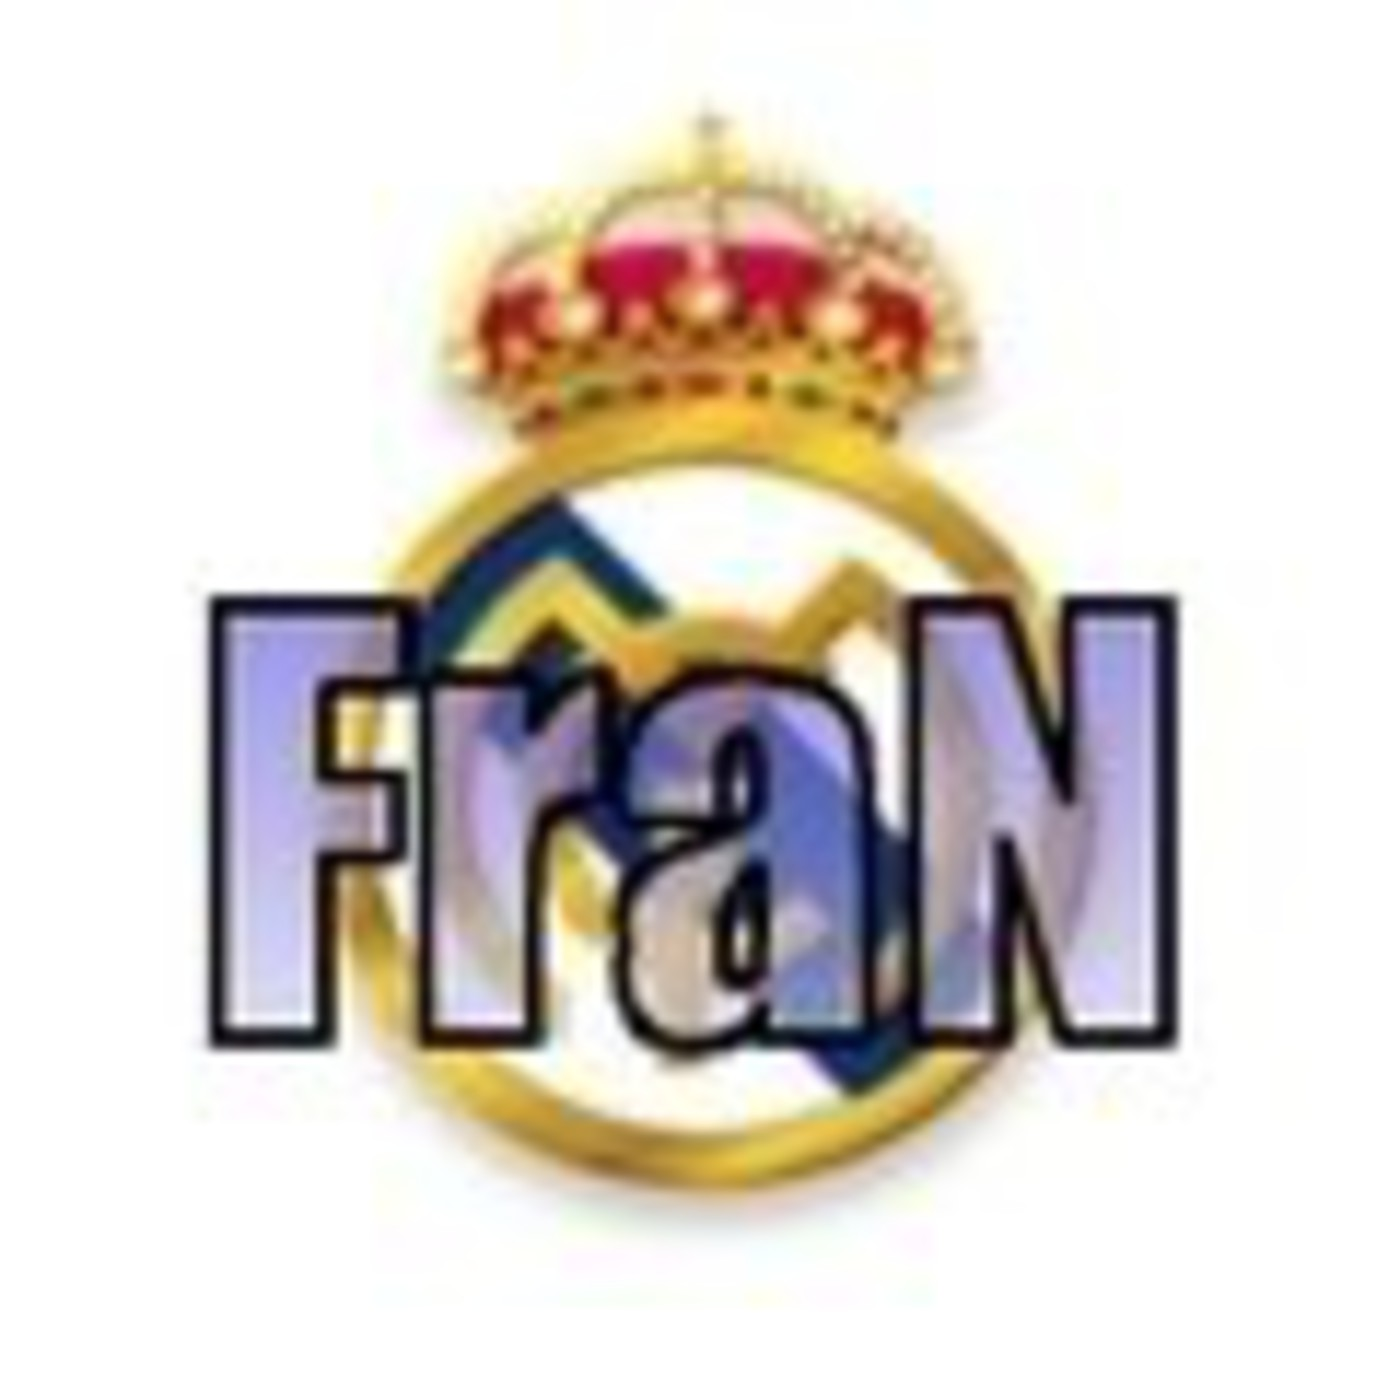 Fran  @Tofumat